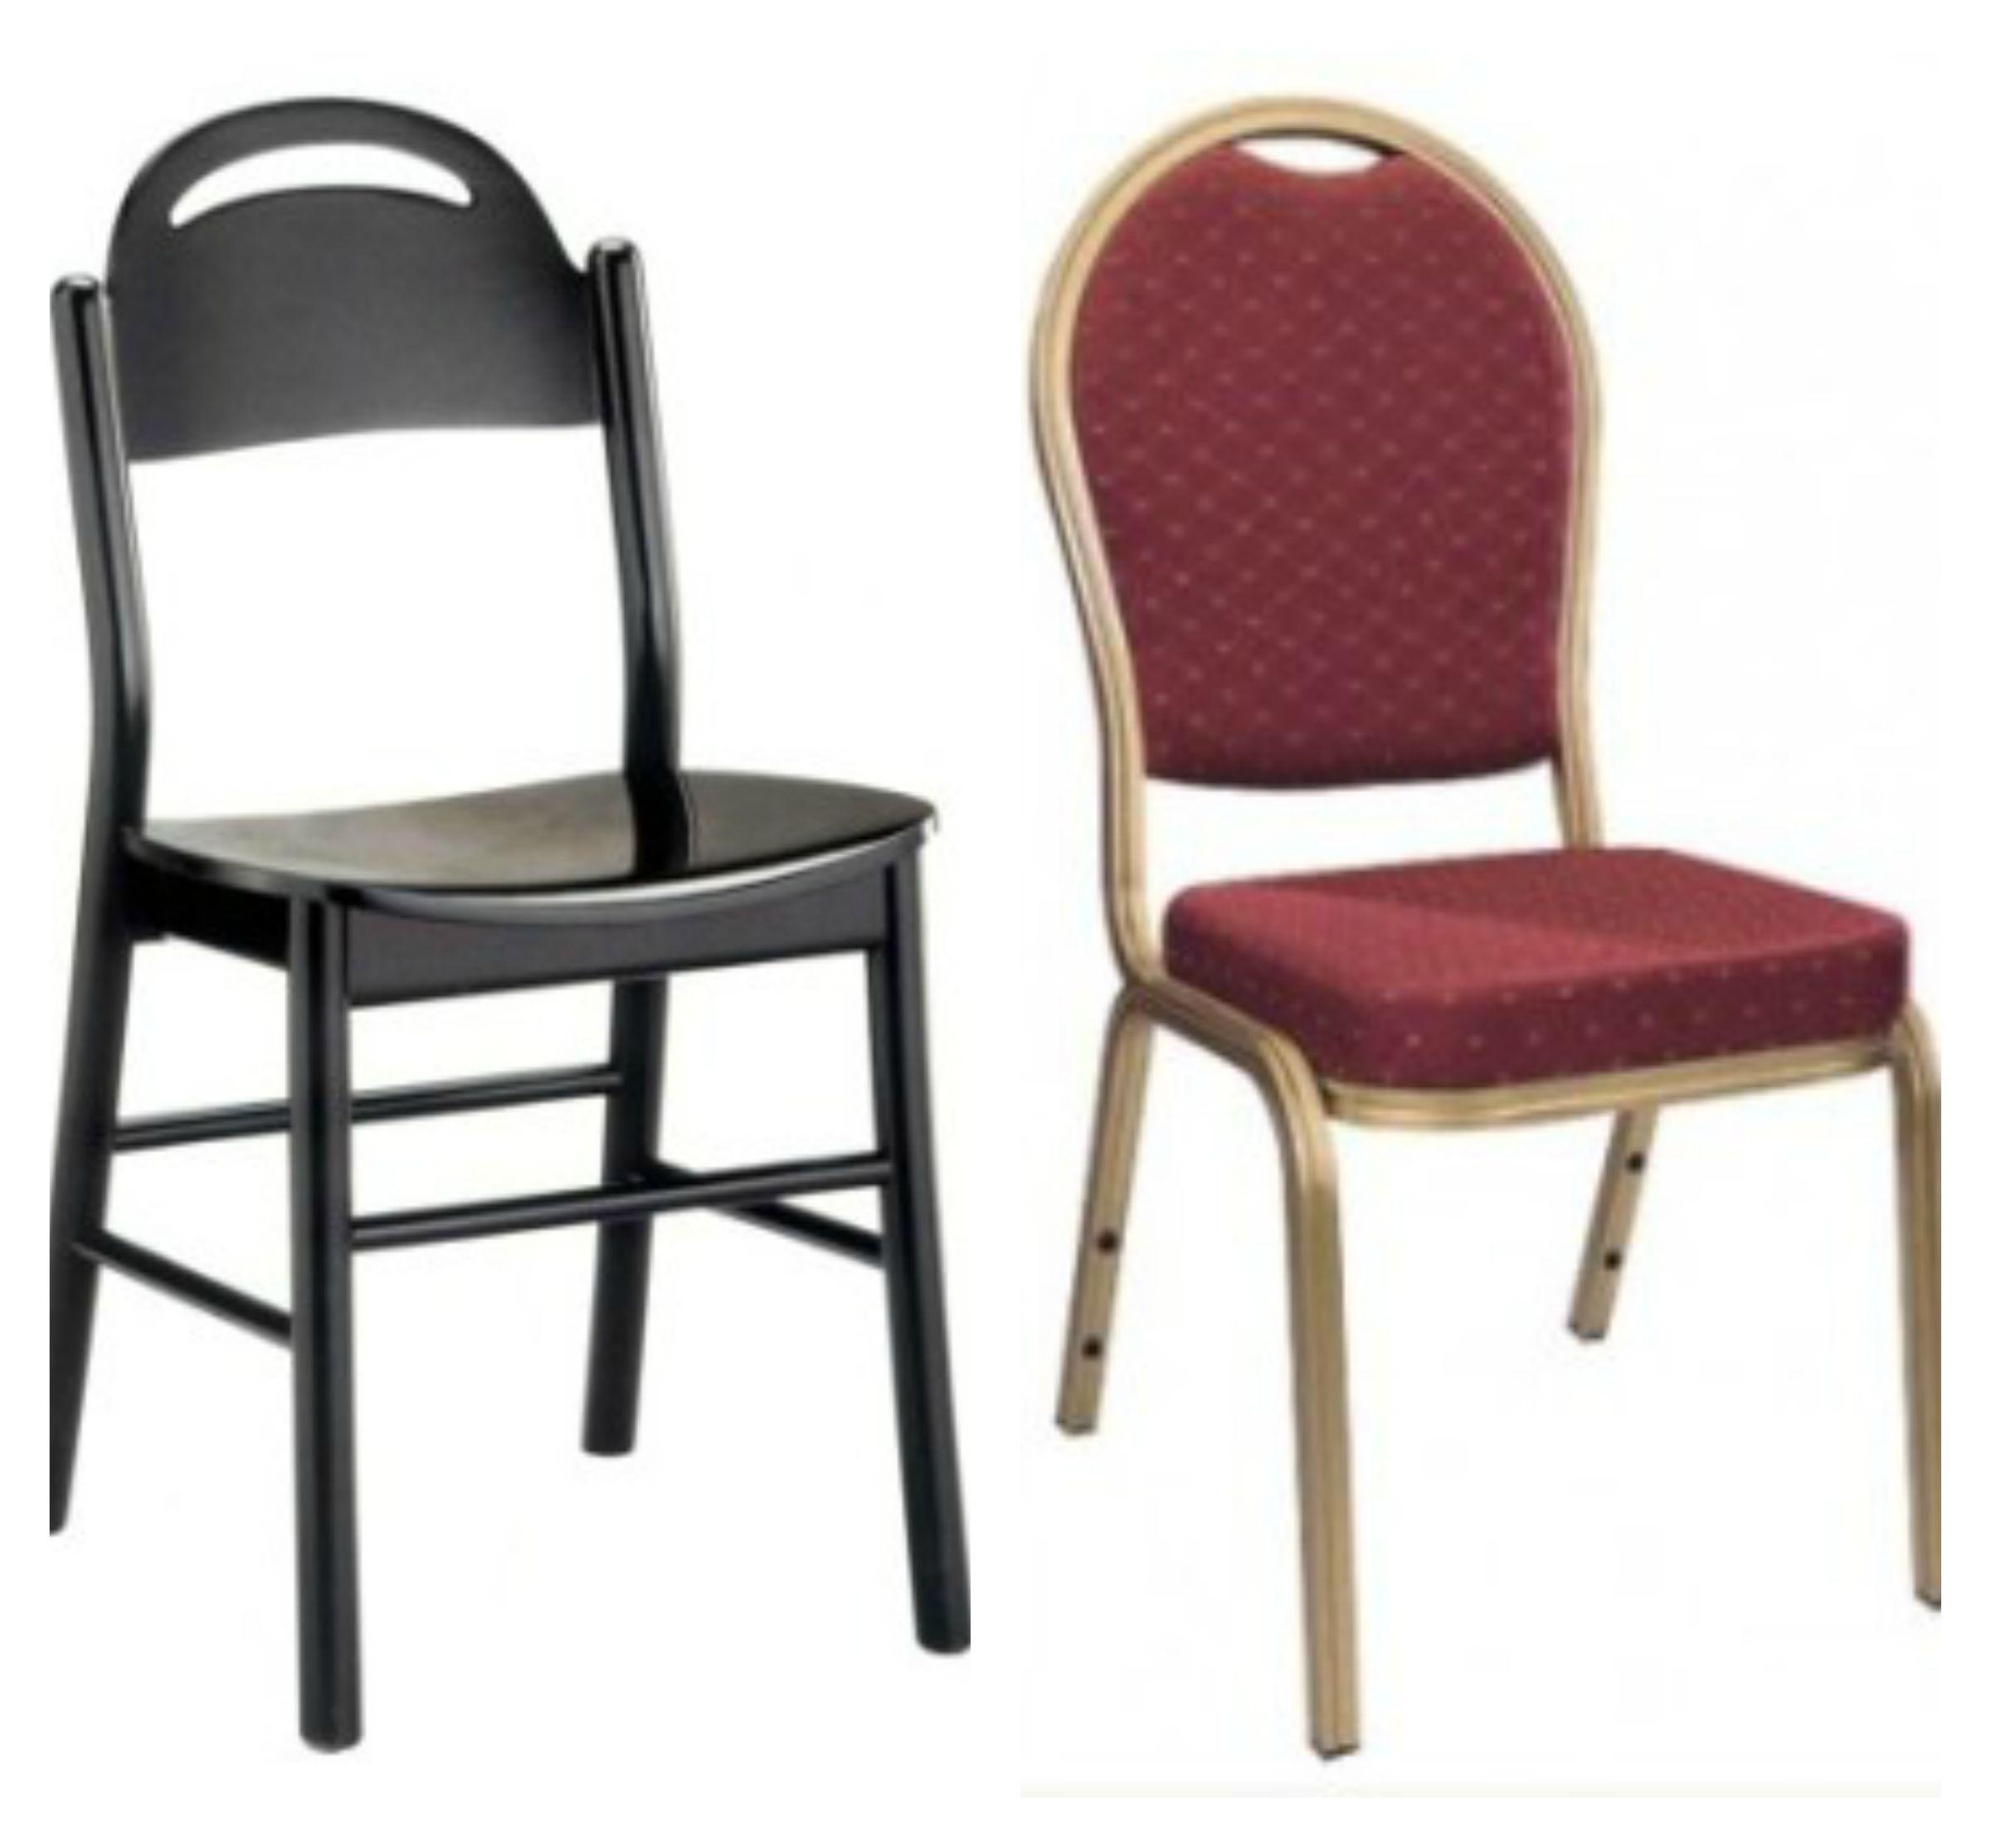 Casa immobiliare accessori sedie per ristorante for Sedie a prezzi bassi